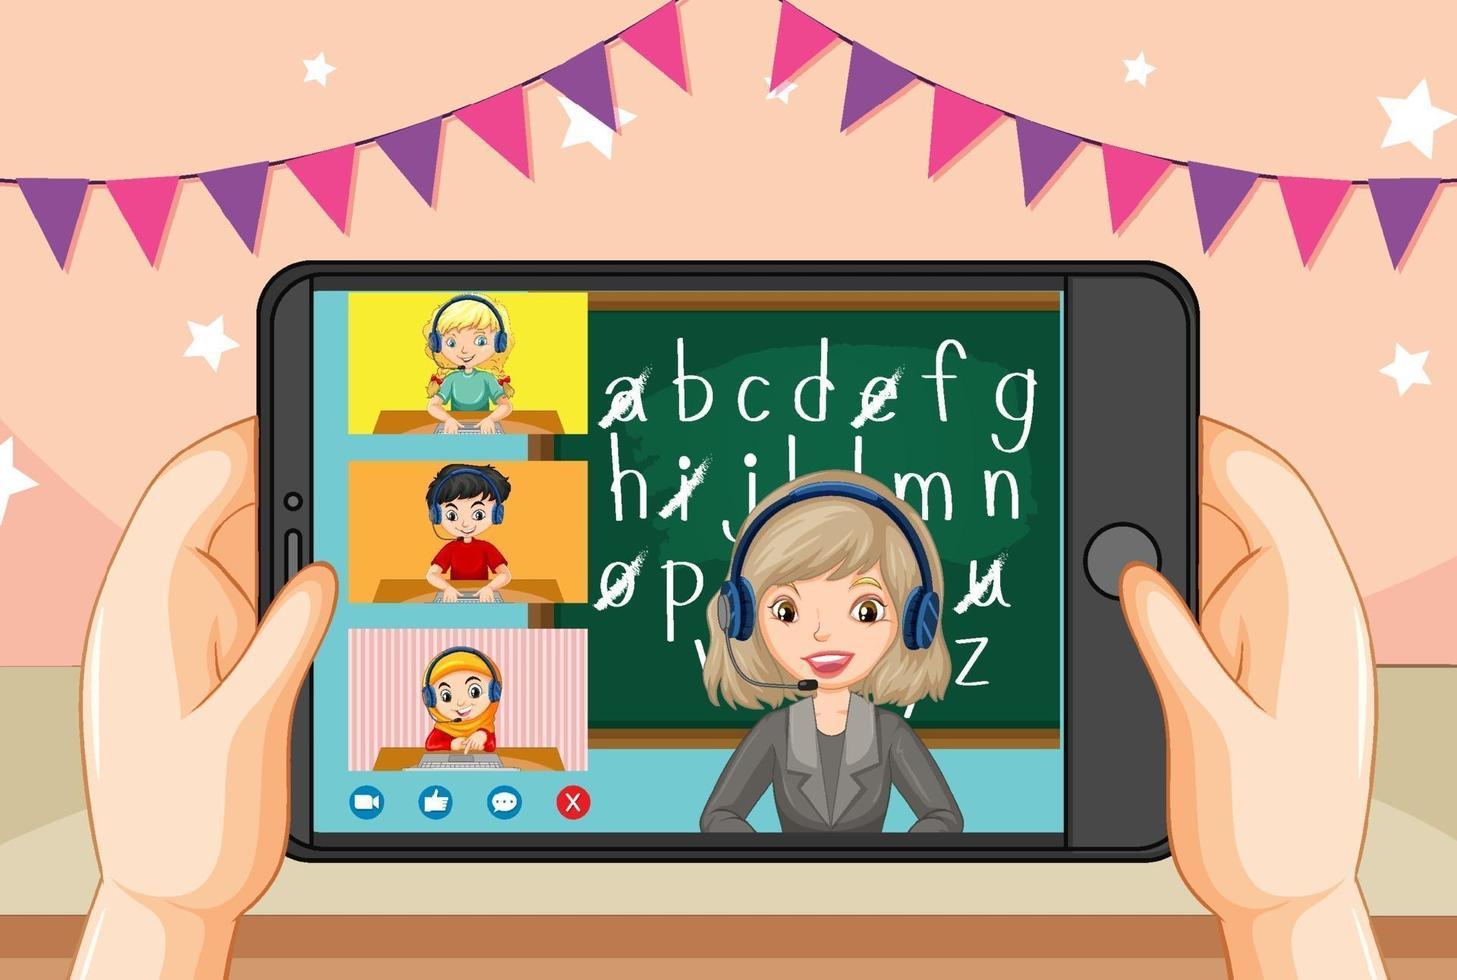 Hände halten Smartphone mit Lehrer und Schüler auf Smartphone-Bildschirm vektor